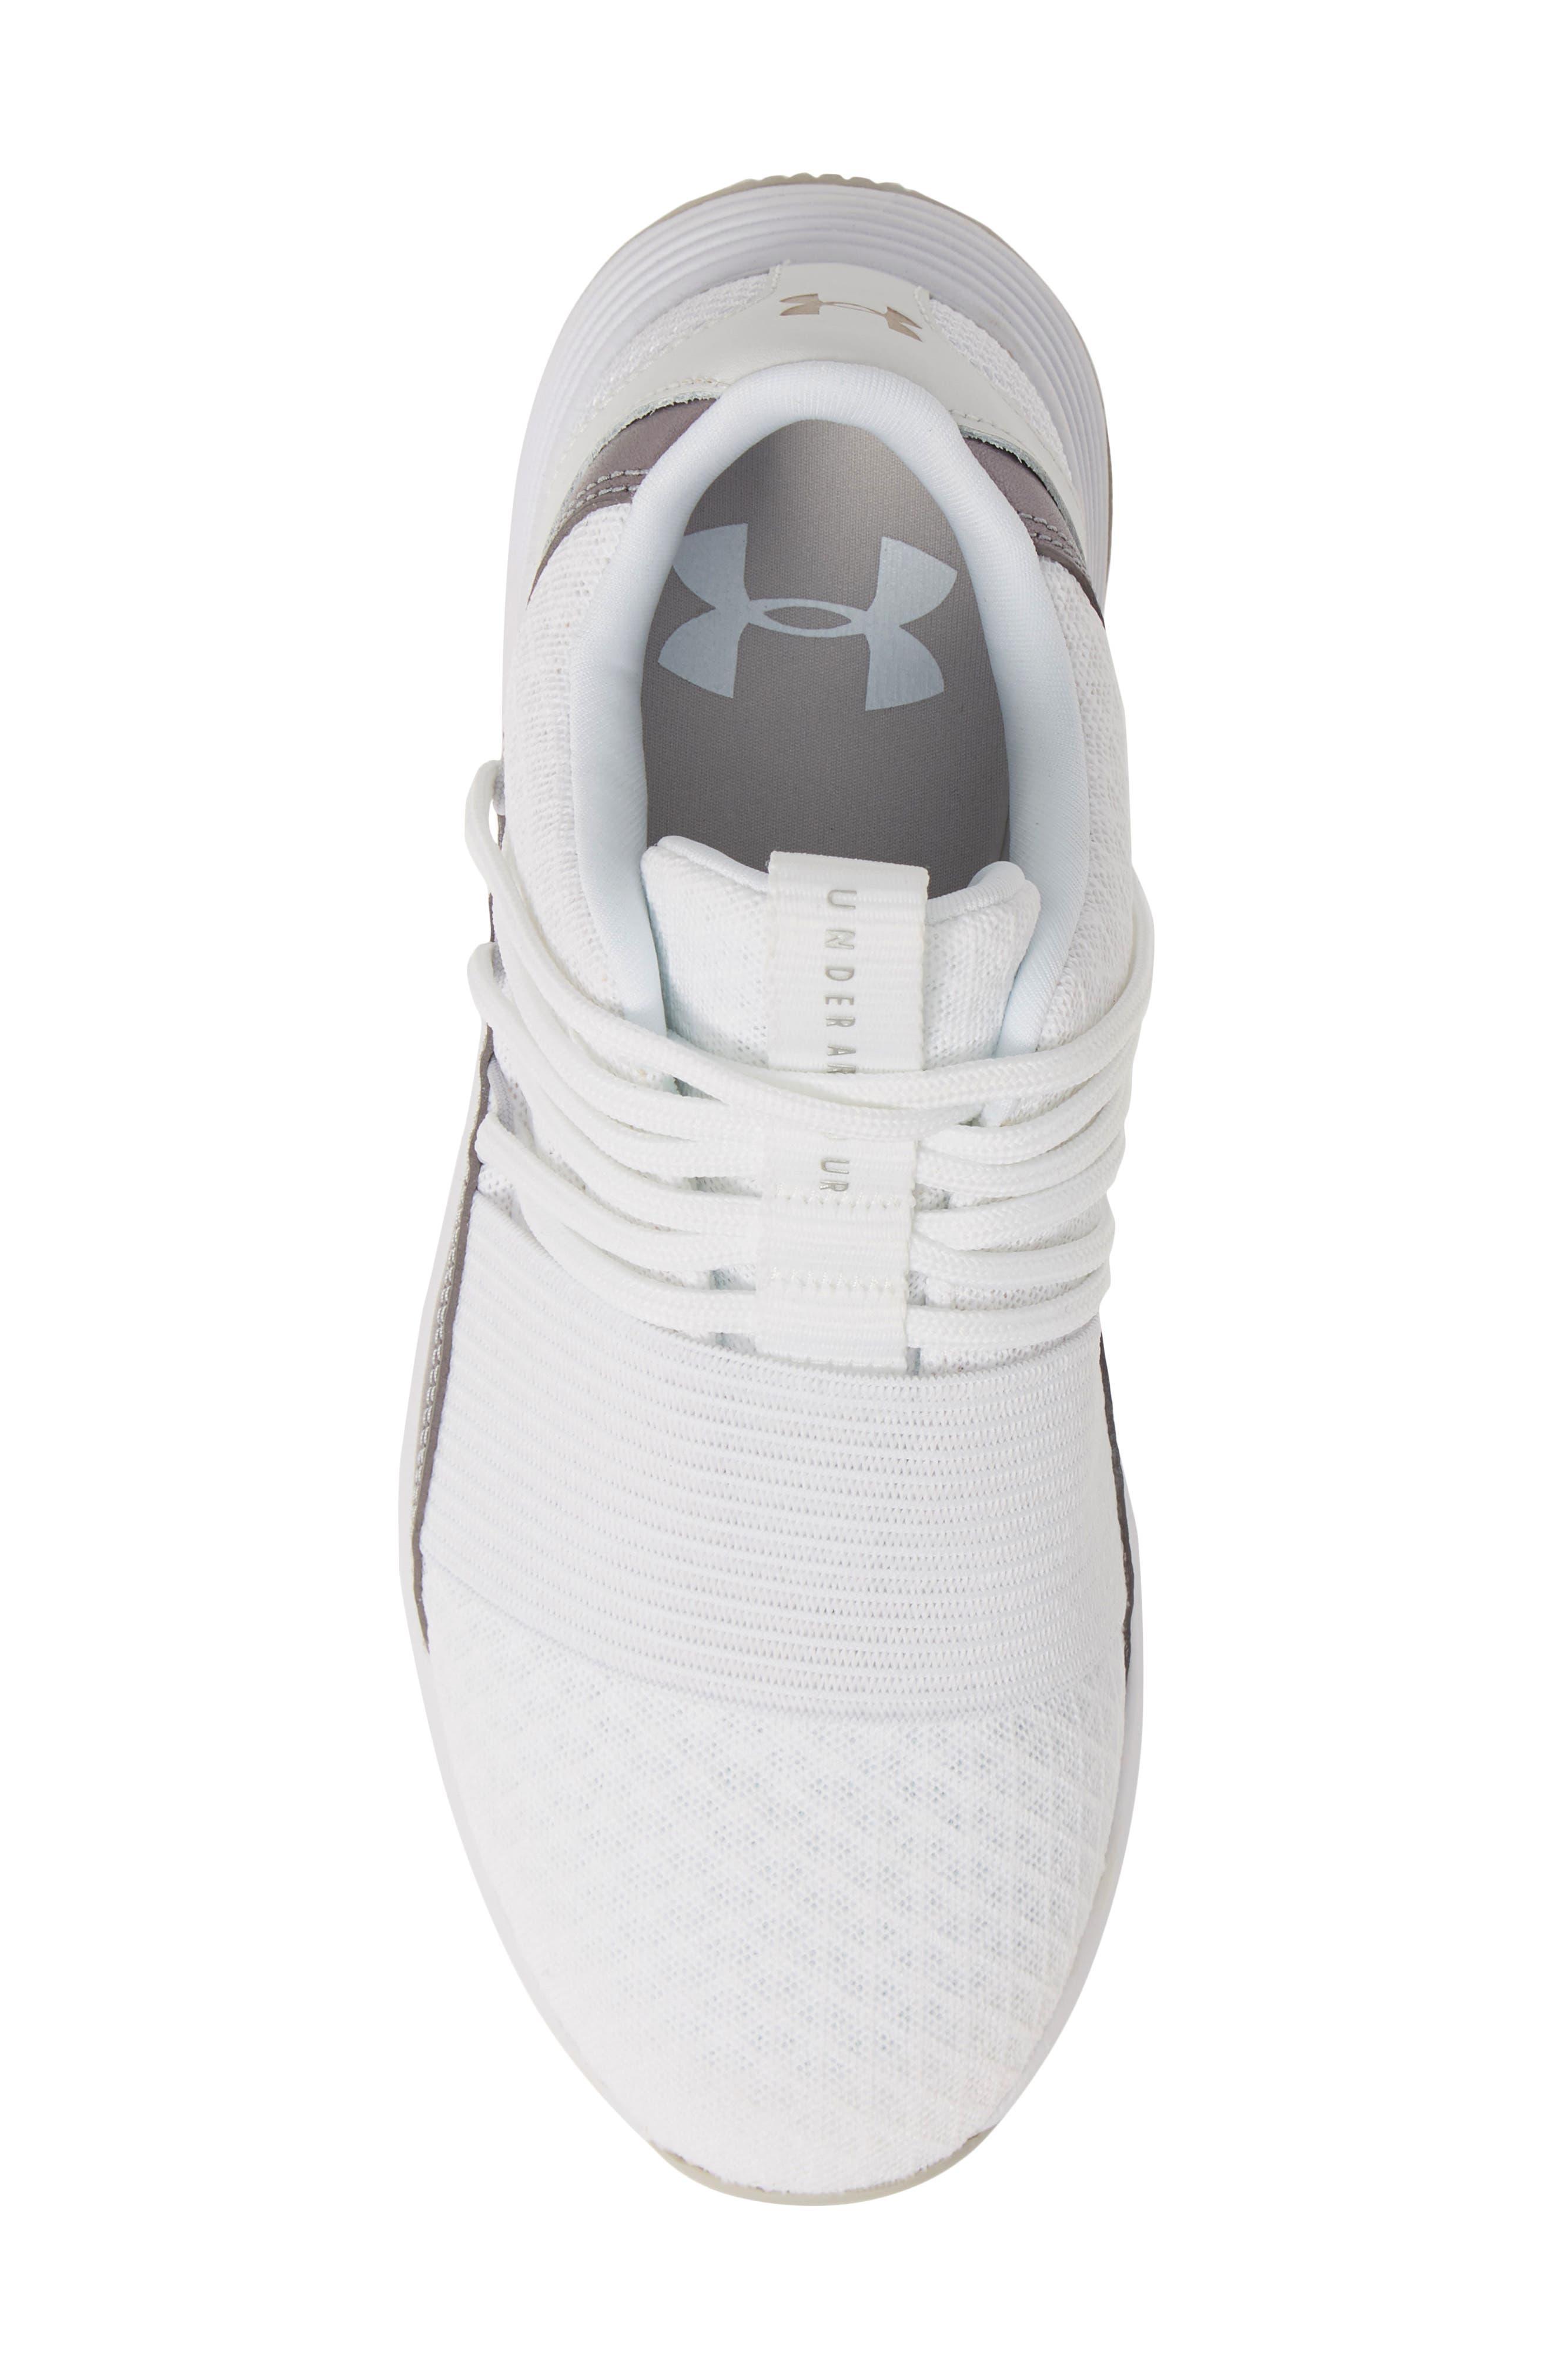 UNDER ARMOUR,                             Breathe Lace X NM Sneaker,                             Alternate thumbnail 5, color,                             WHITE/ WHITE/ METALLIC BLUSH